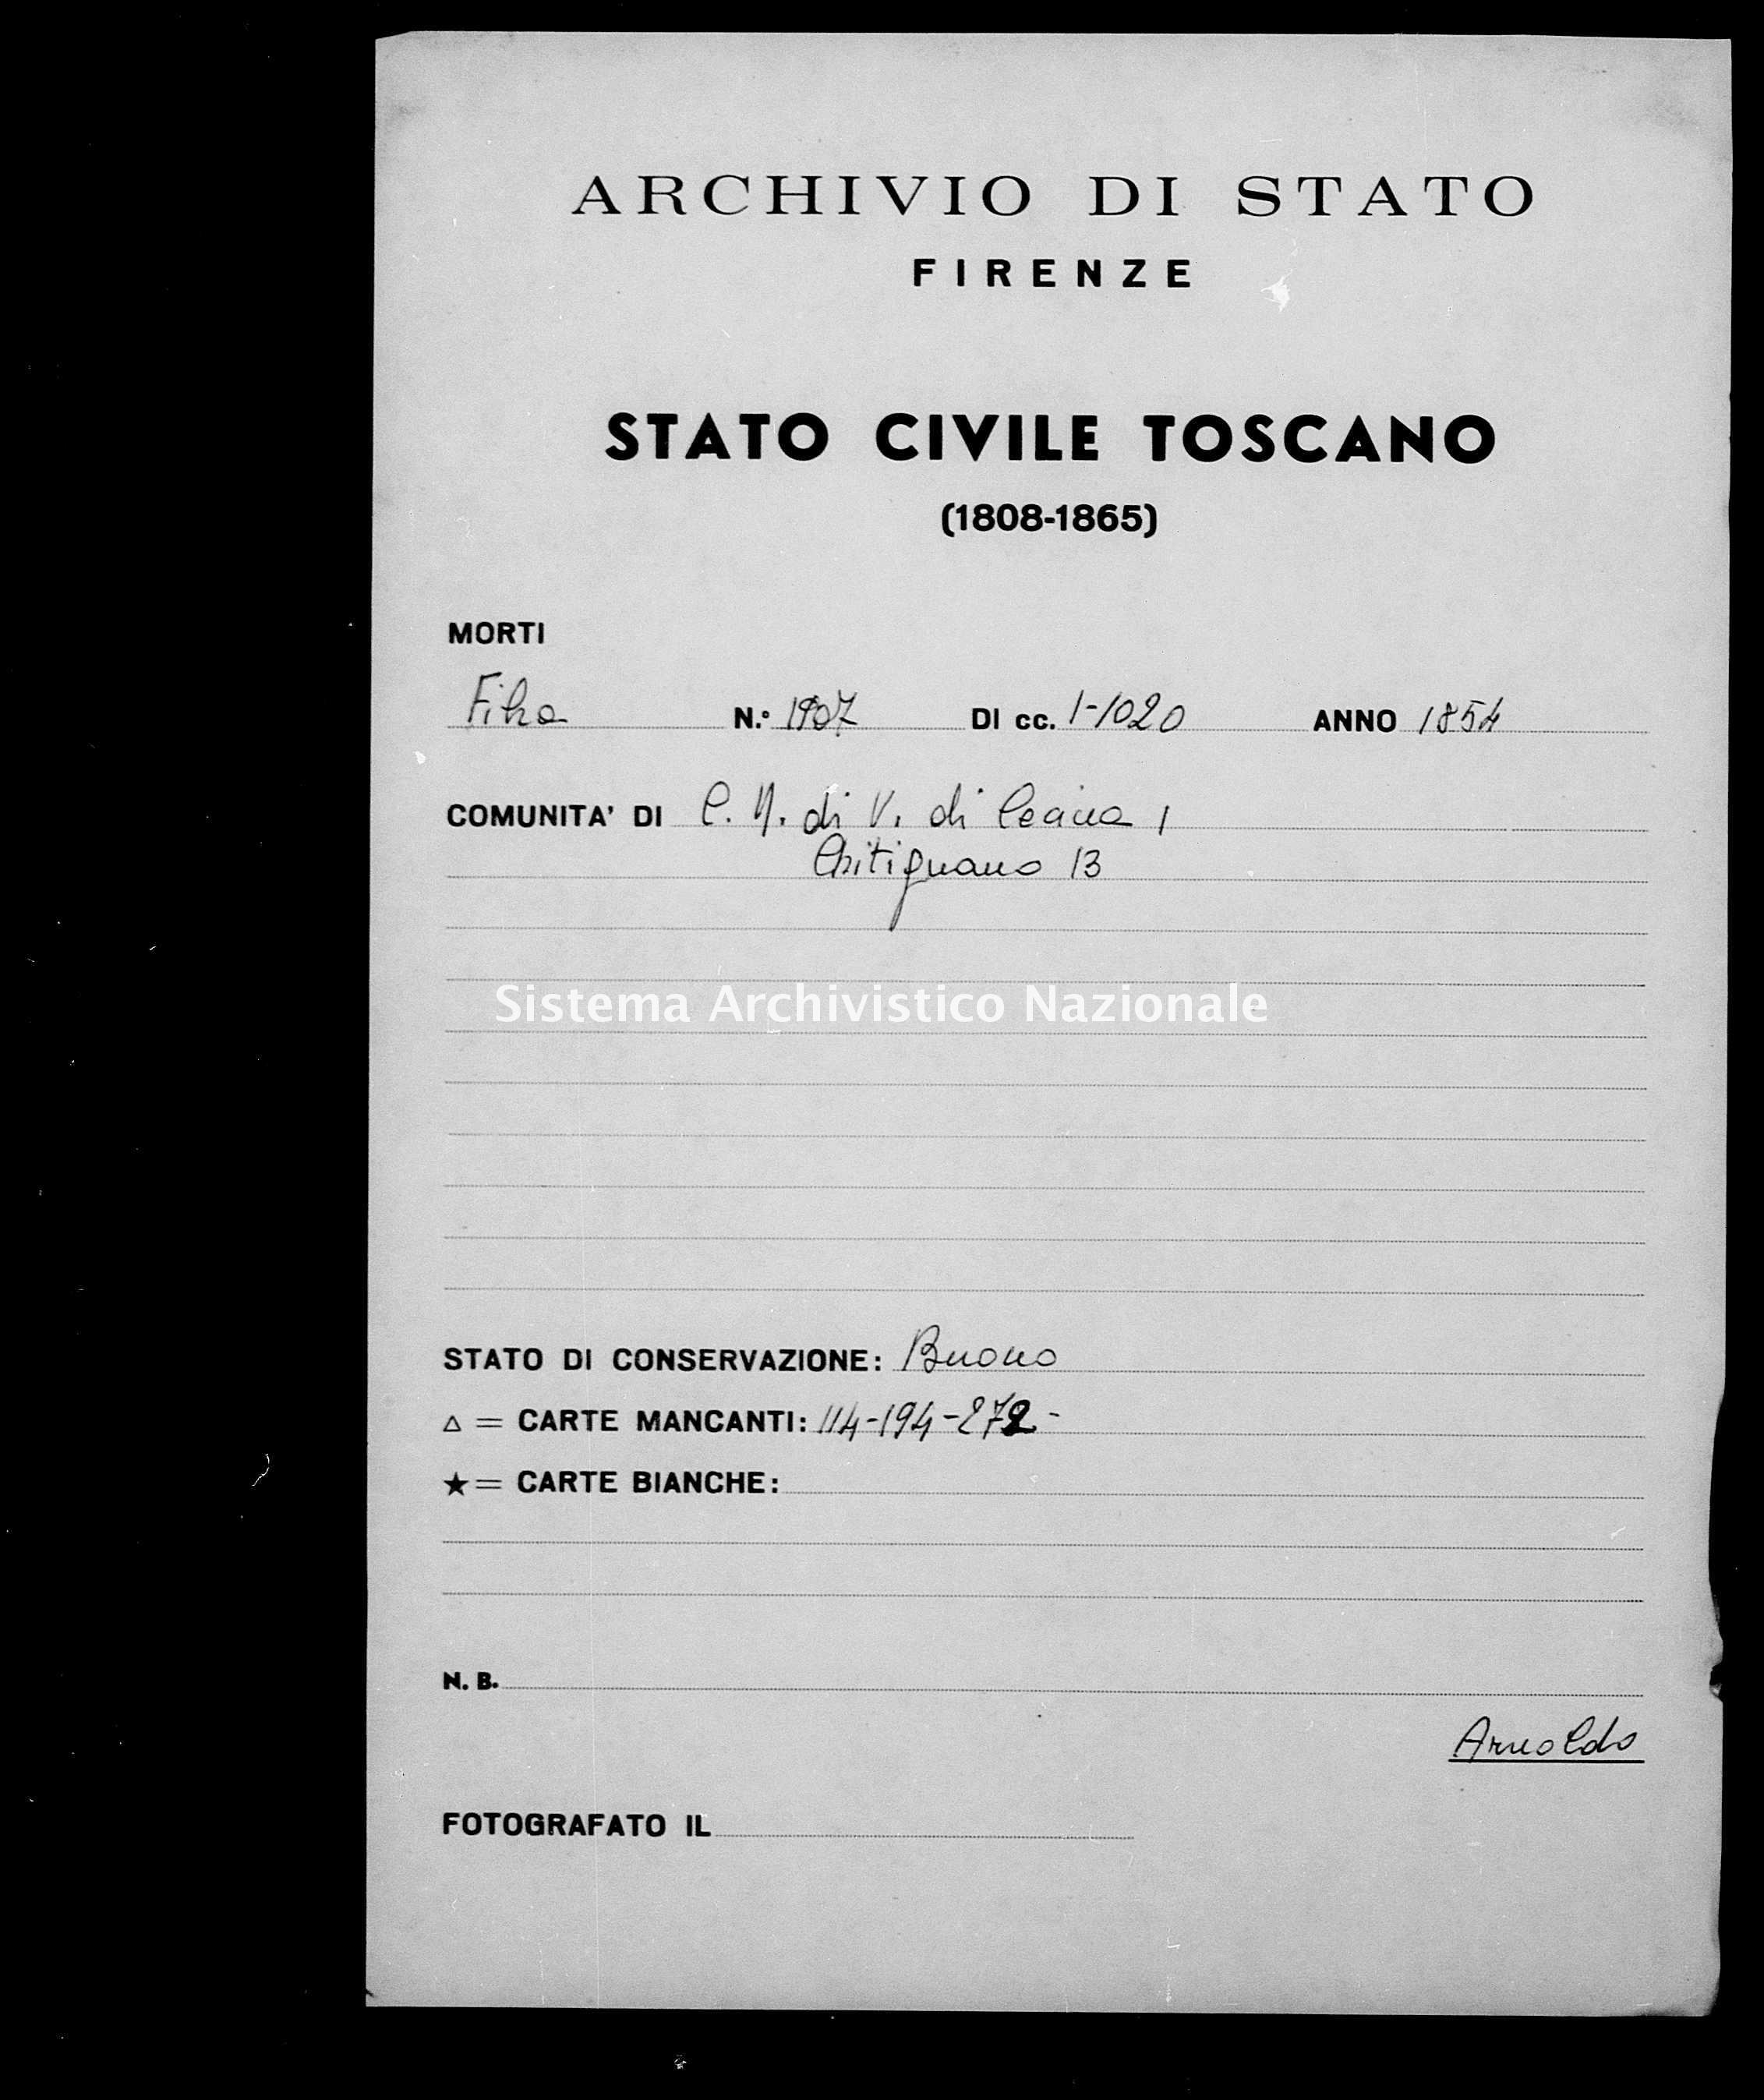 Archivio di stato di Firenze - Stato civile di Toscana (1808-1865) - Castelnuovo di Val di Cecina - Morti - 1854 - 1907 -